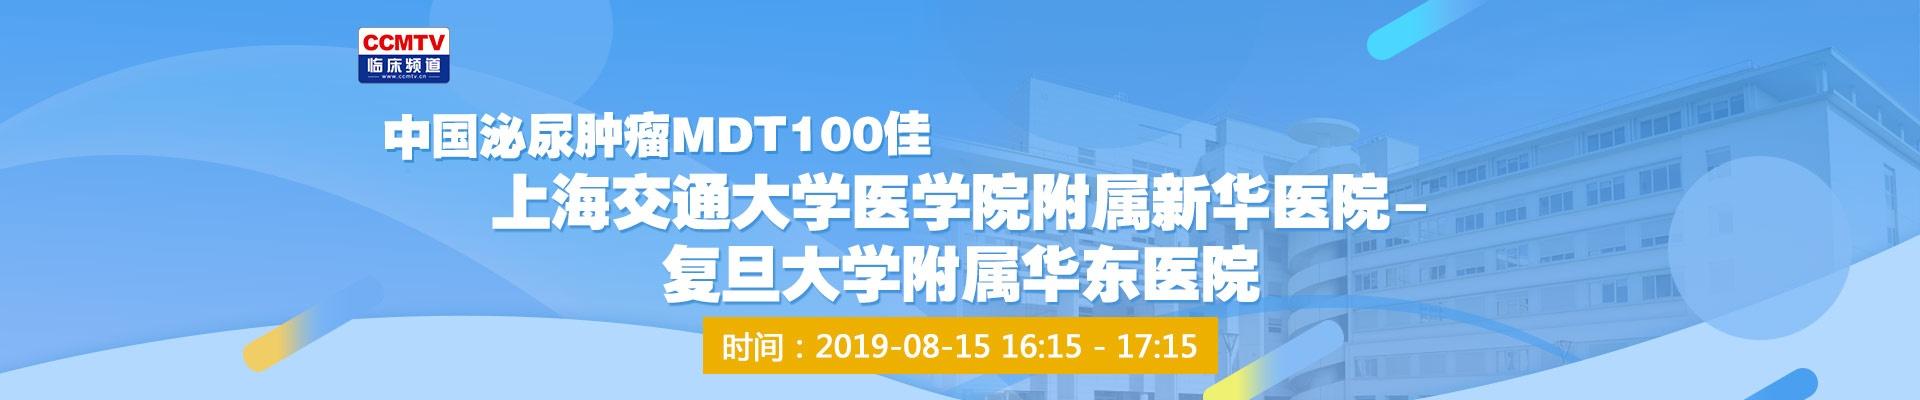 中國泌尿腫瘤MDT100佳 | 上海交通大學醫學院附屬新華醫院、復旦大學附屬華東醫院